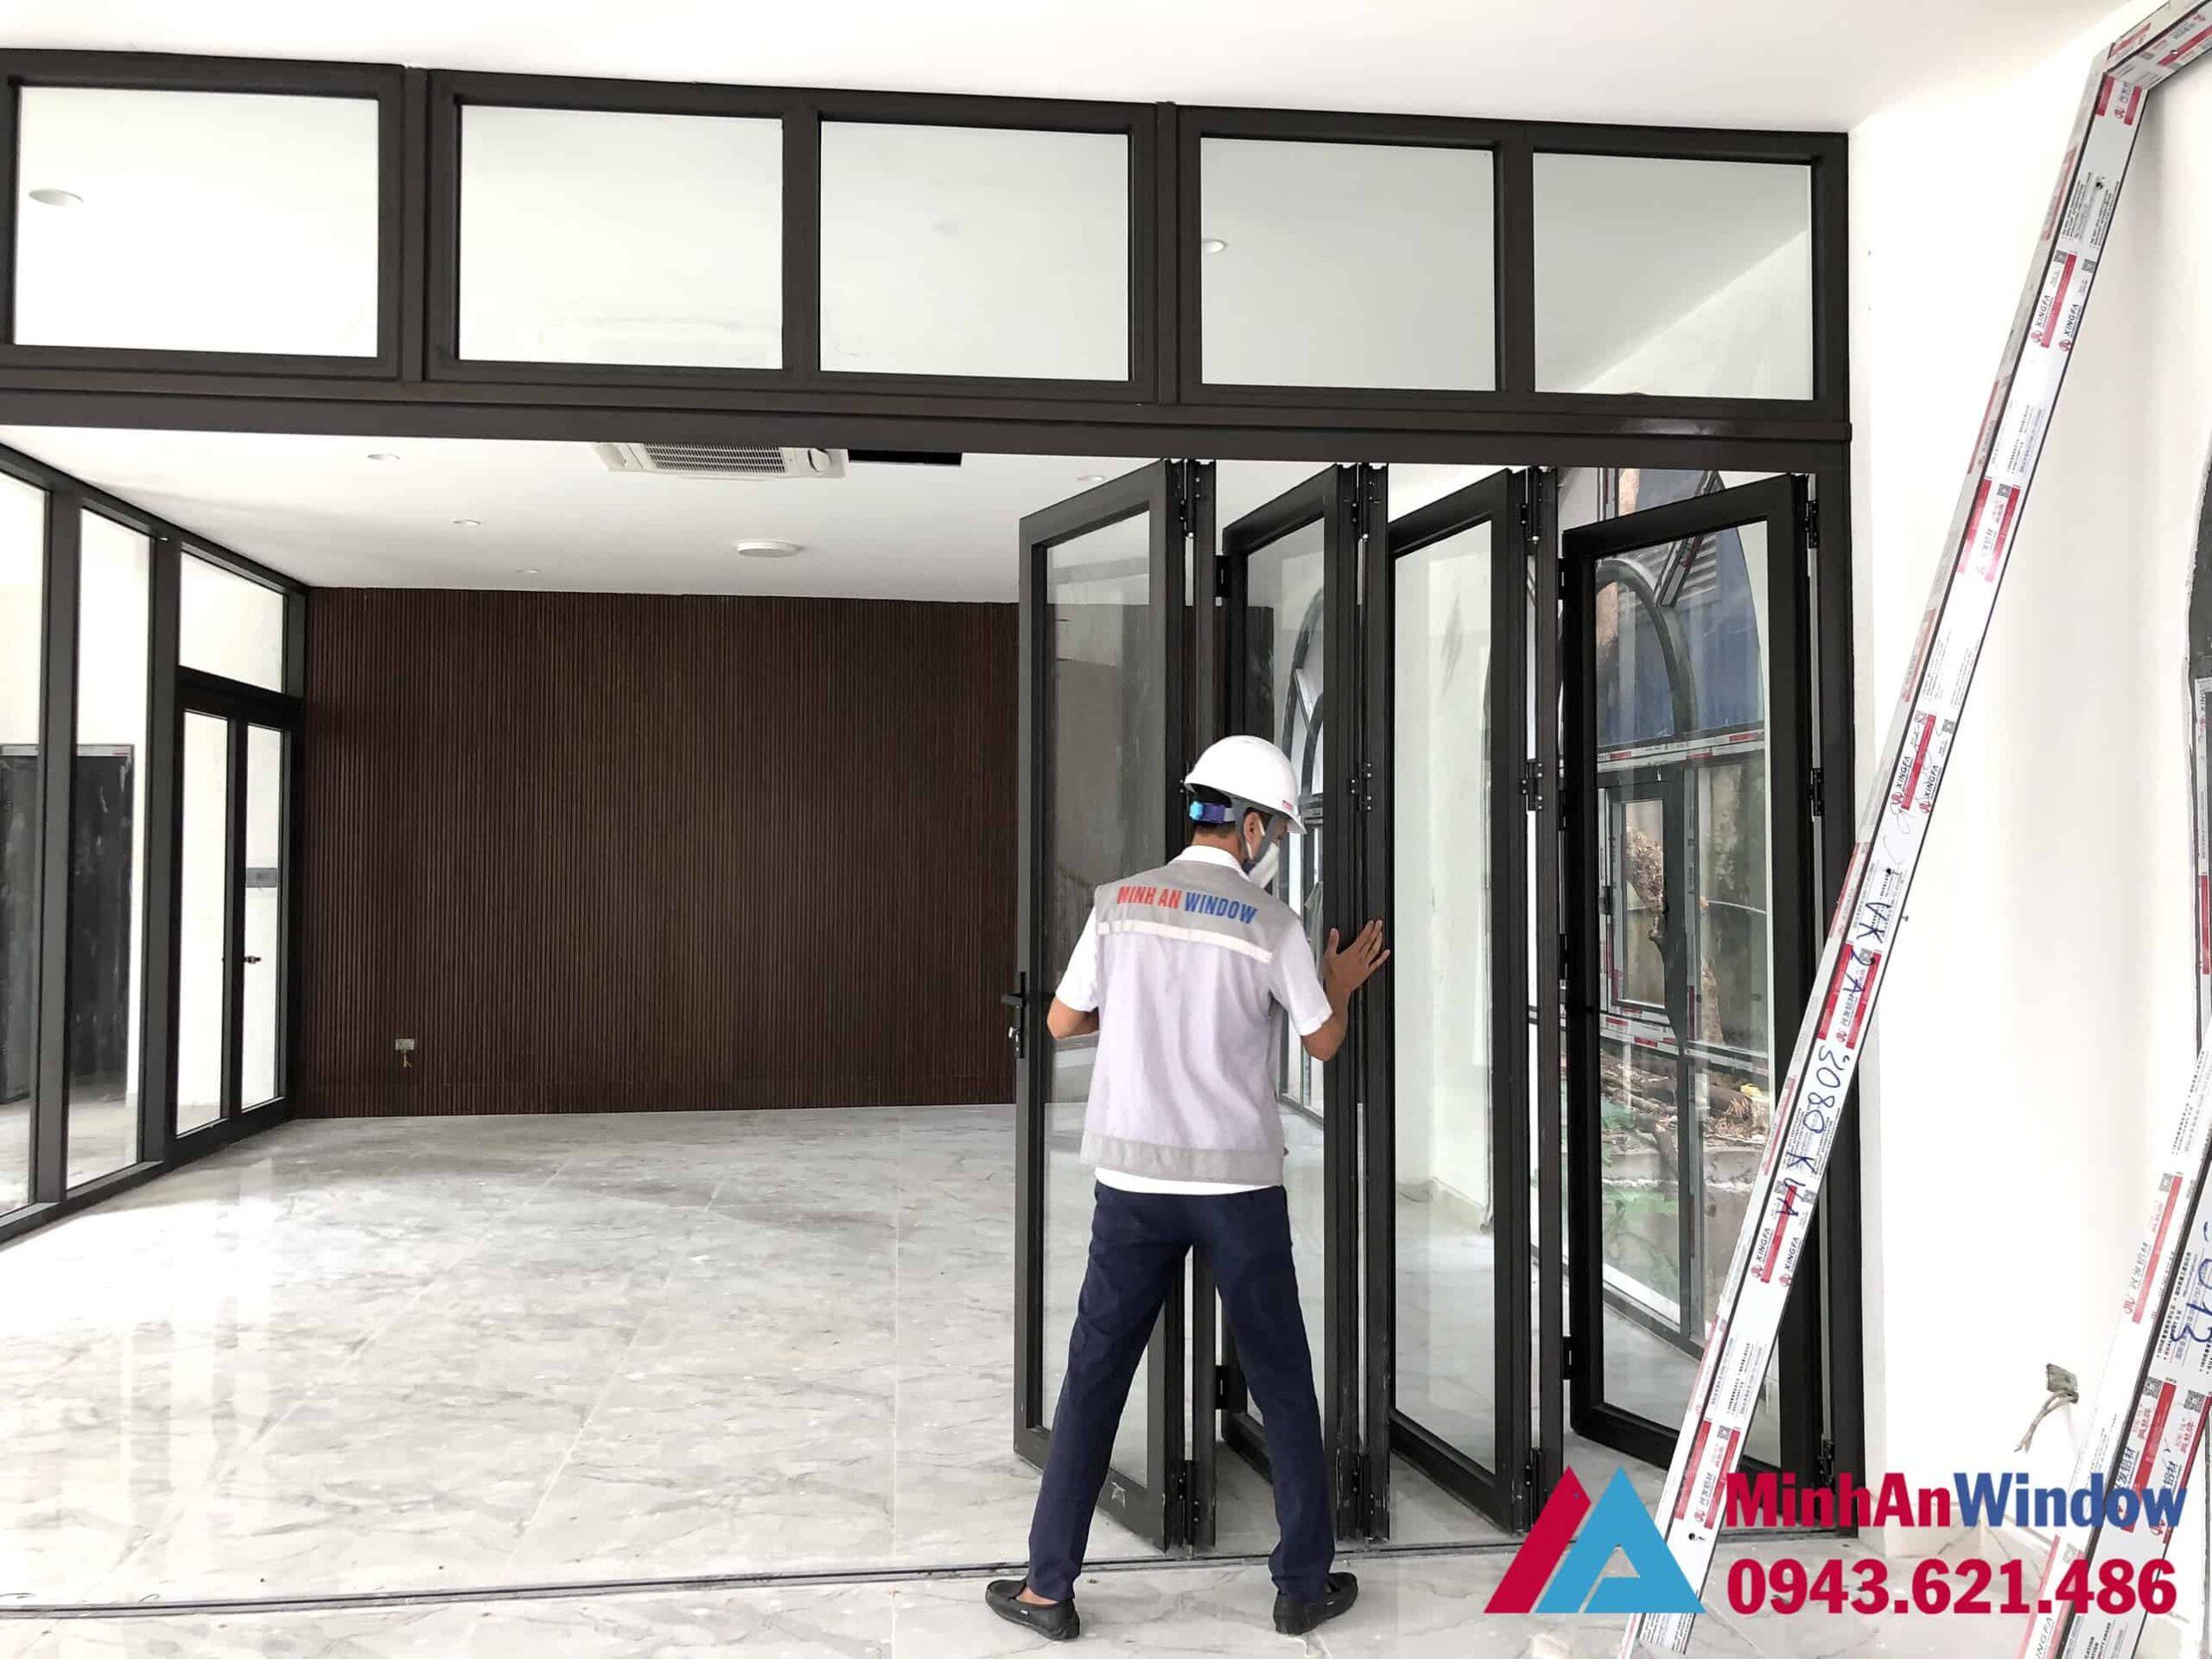 Mẫu cửa nhôm kính xếp gấp Minh An Window lắp đặt tại KCN Bắc Thường Tín